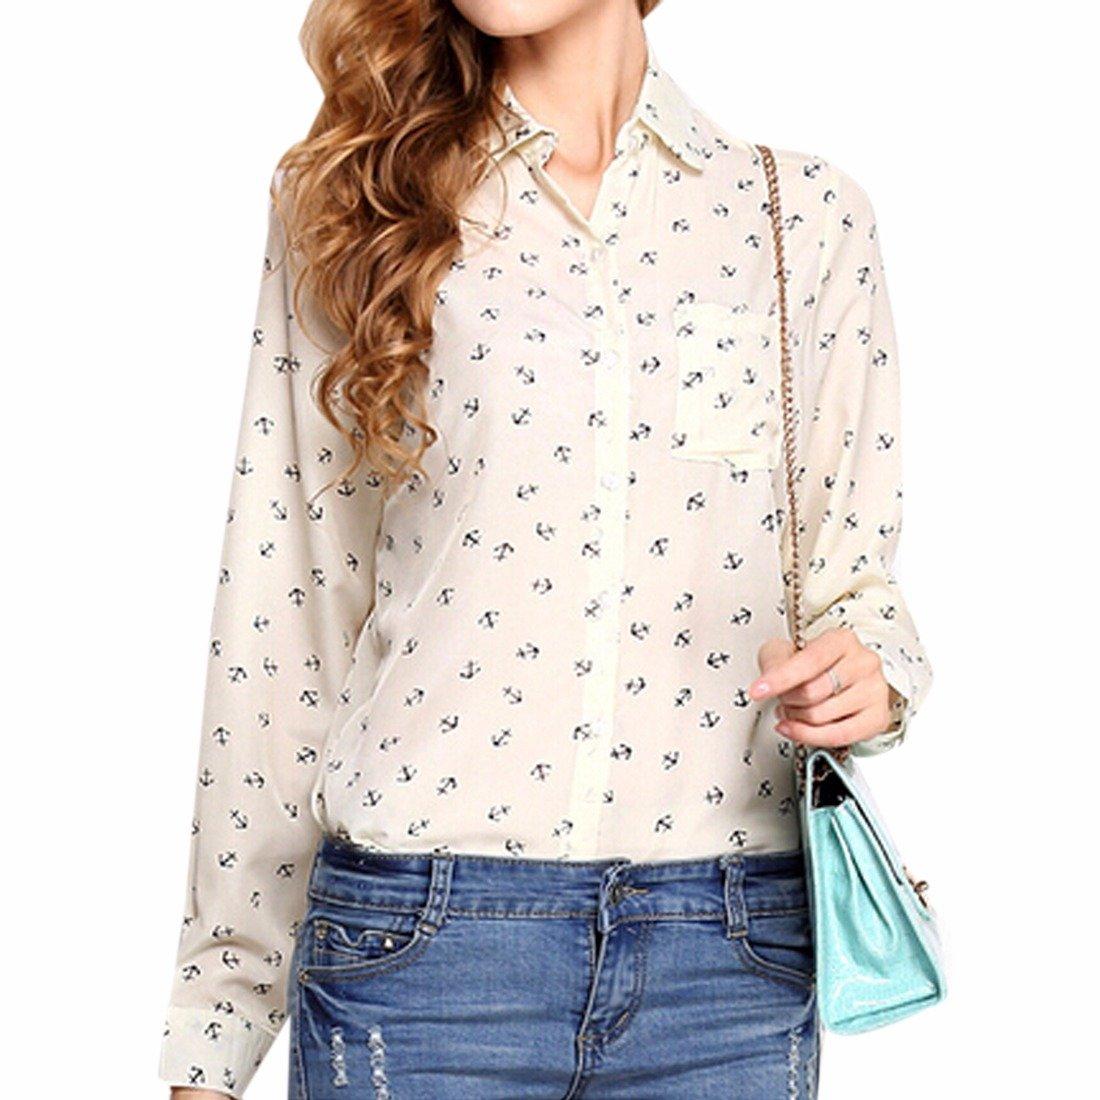 Z Mujeres OL De Manga Larga Moda Collar De La Solapa De La Camisa Impresa Camisetas Tops: Amazon.es: Ropa y accesorios